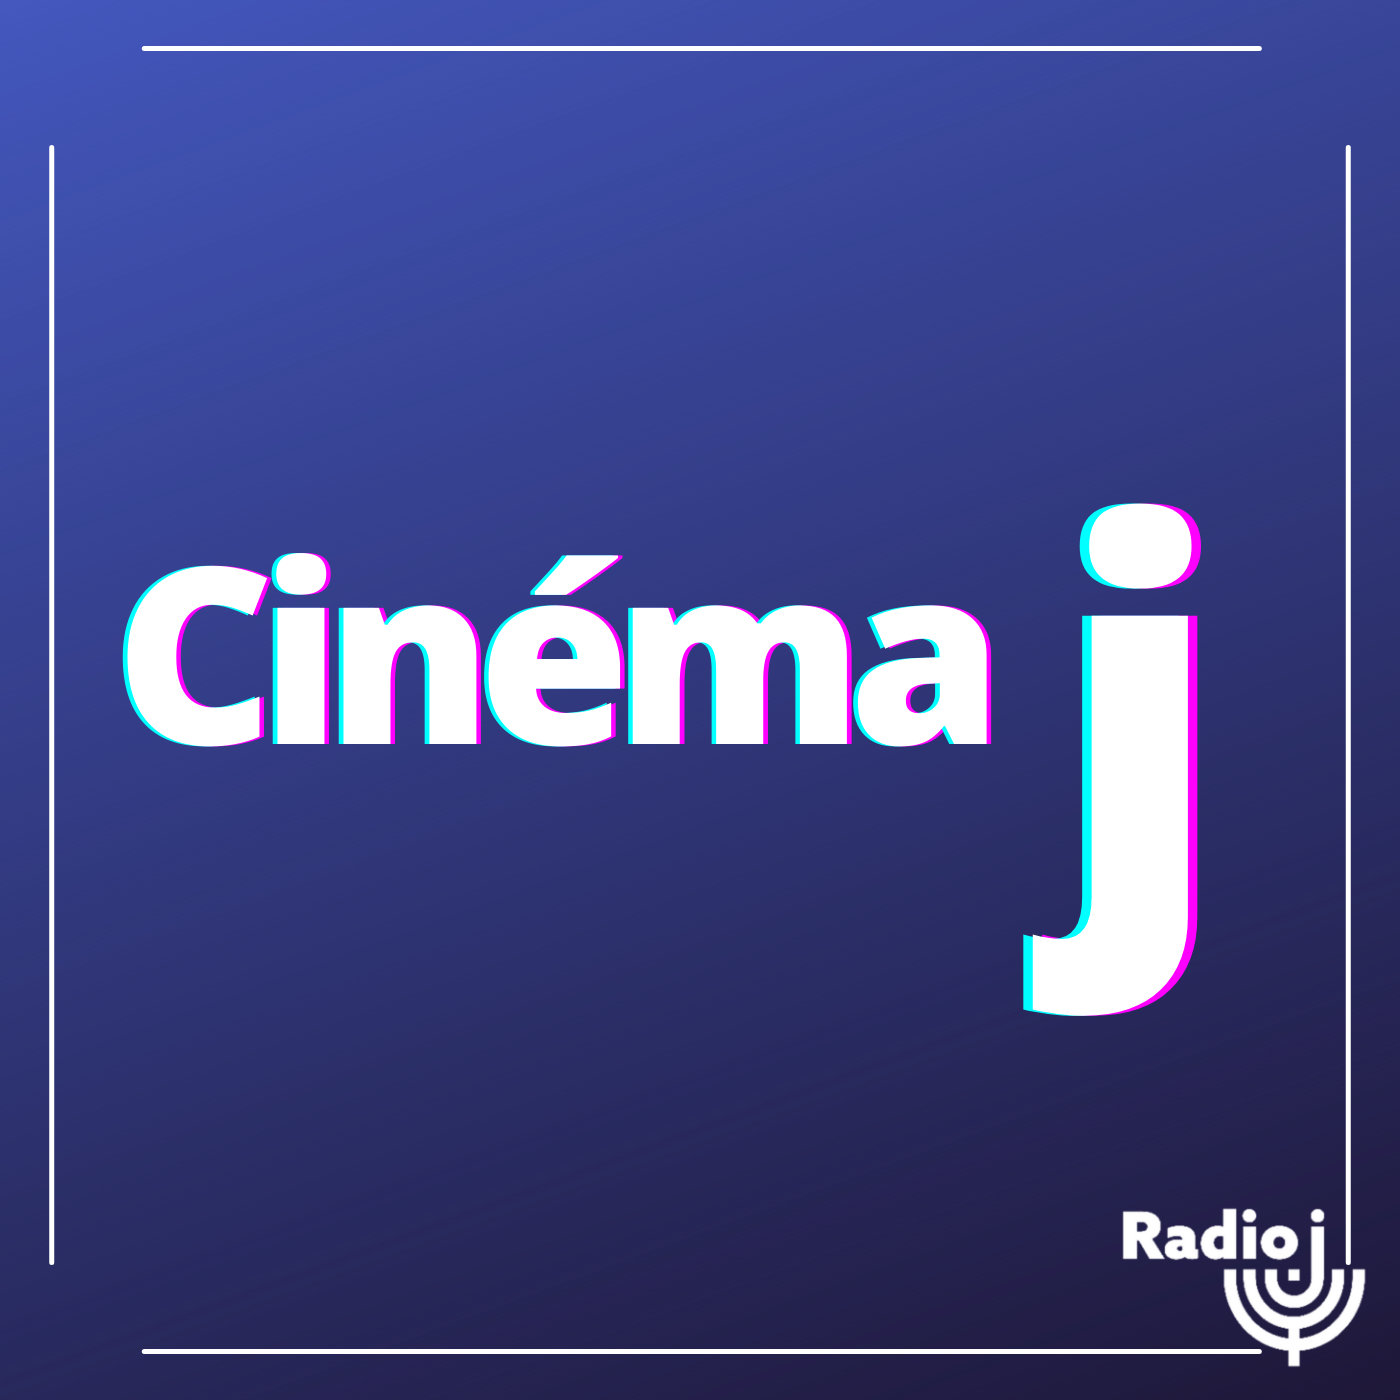 Cinéma J